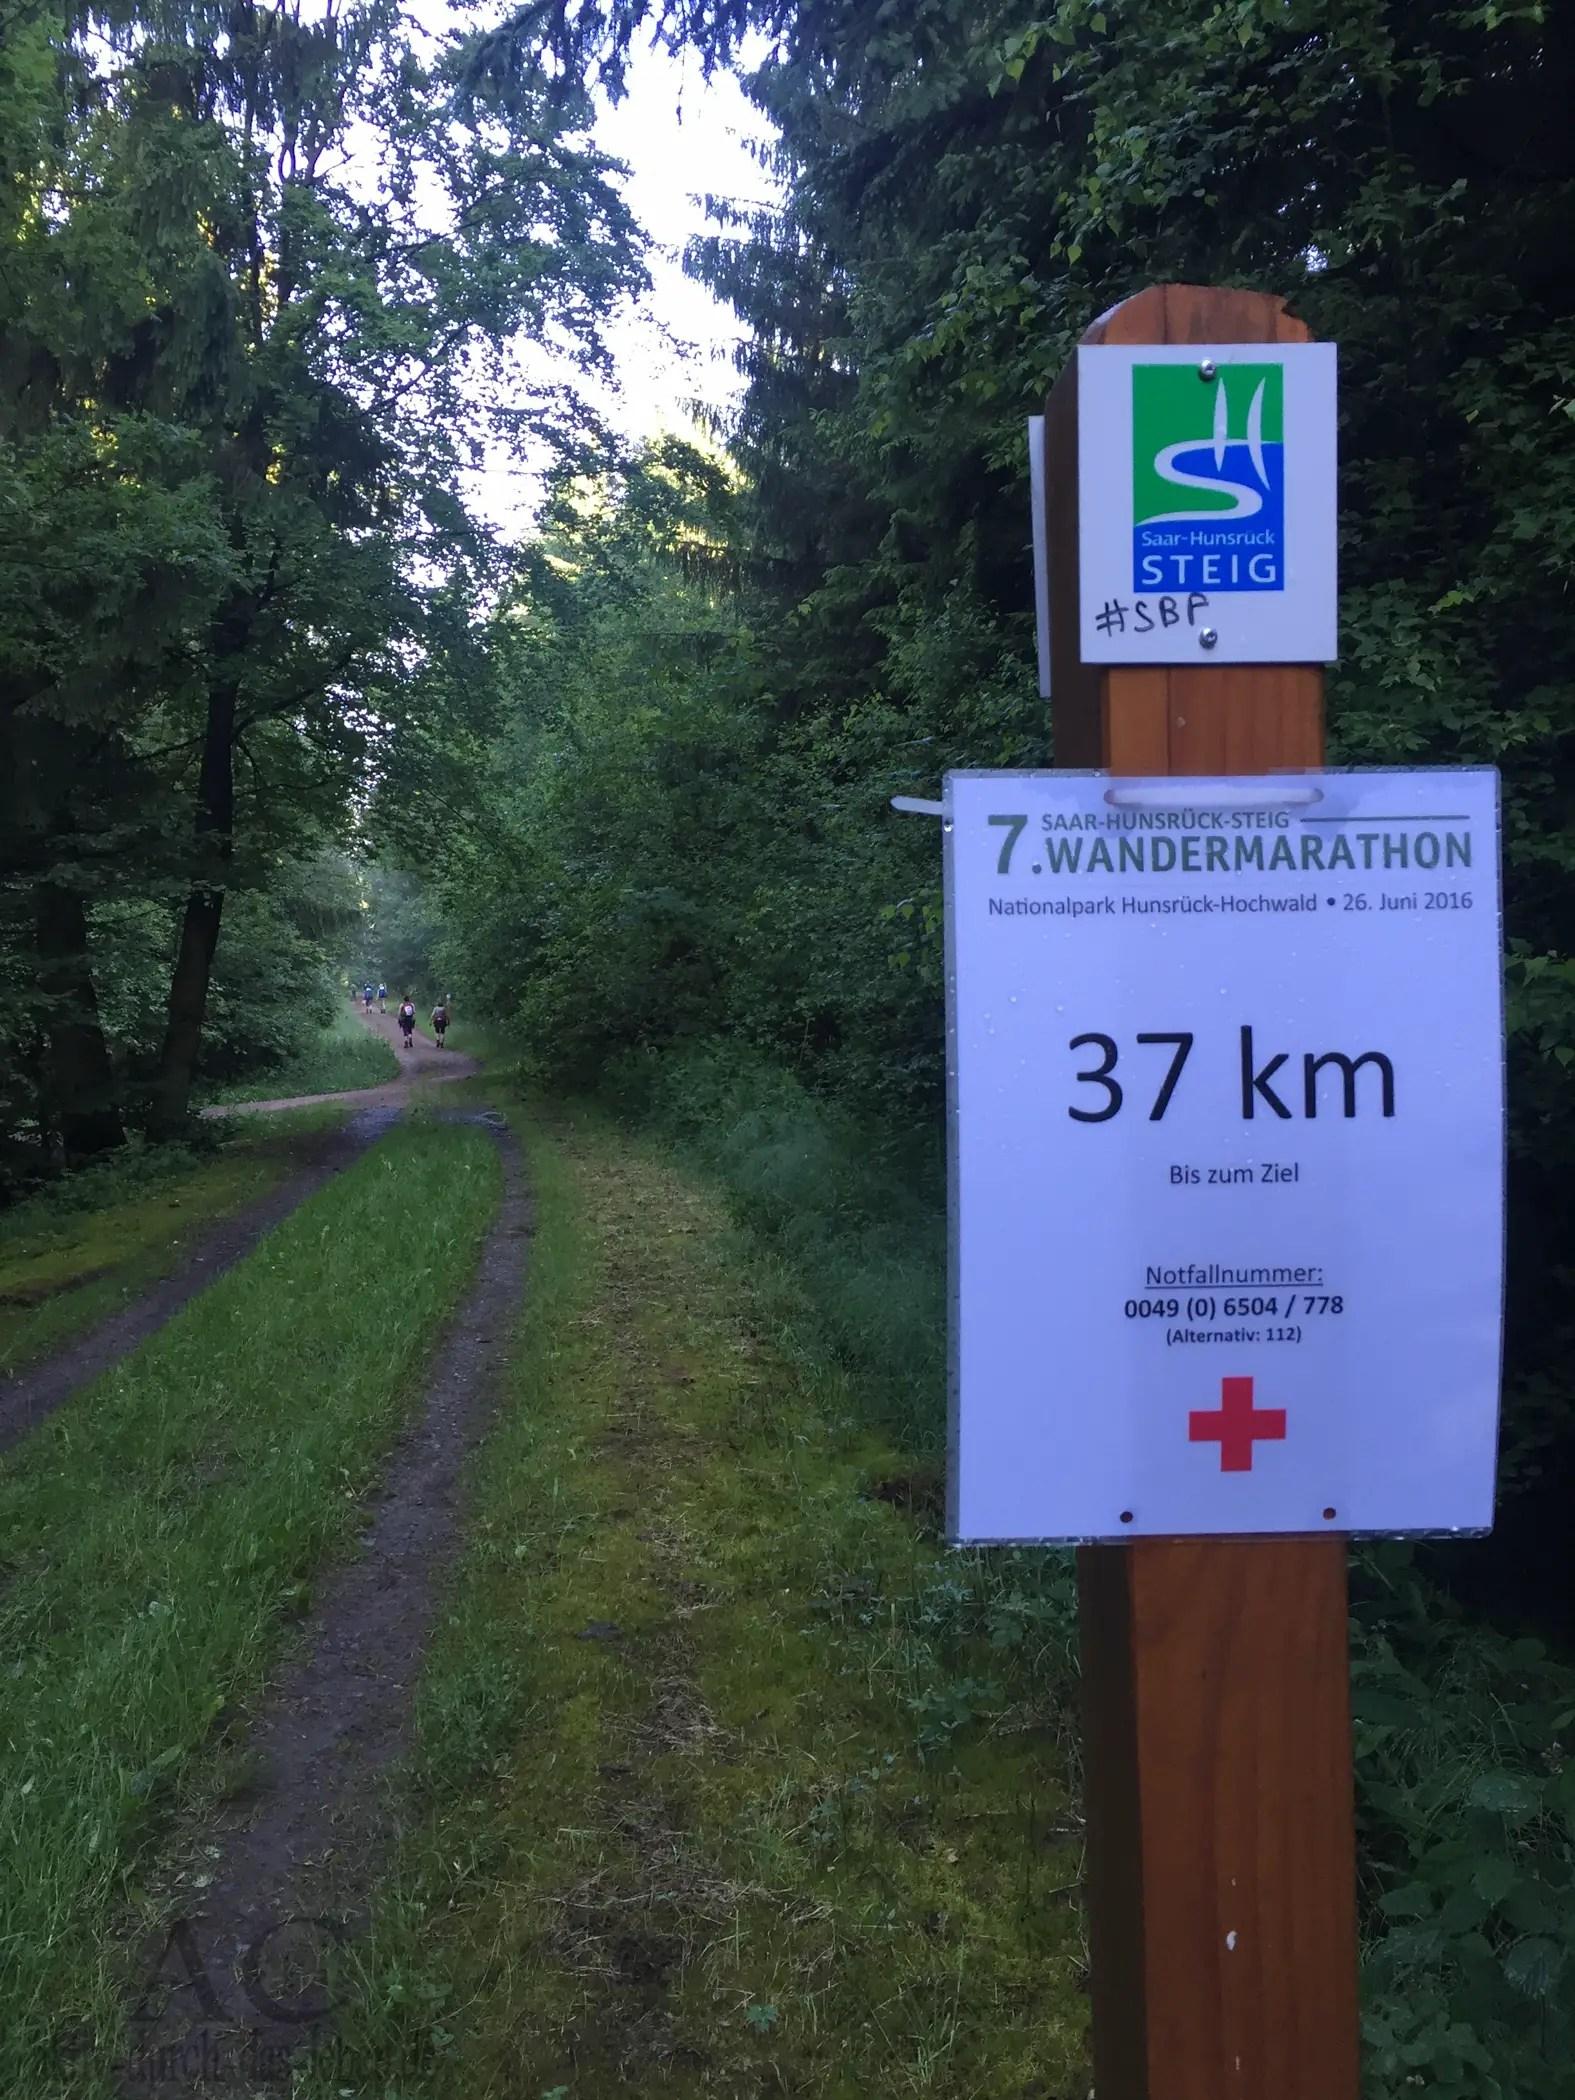 Vorbericht: Der 10. Saar-Hunsrück-Steig Wandermarathon 02.06.2019